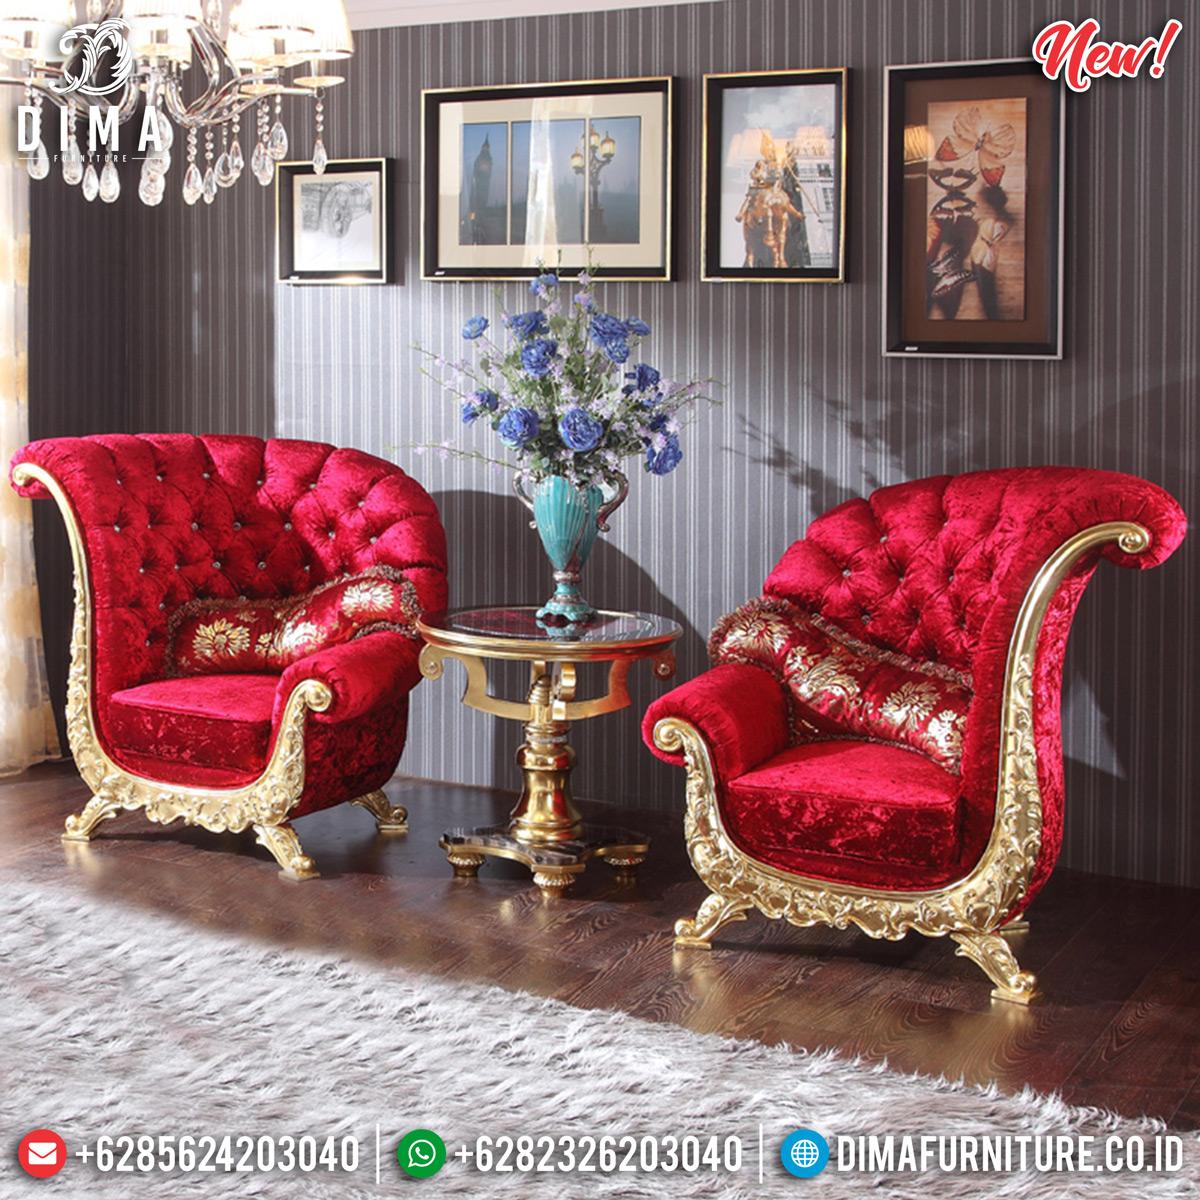 Desain Sofa Santai Mewah, Kursi Teras Ukiran Luxury Glamorous MMJ-0768